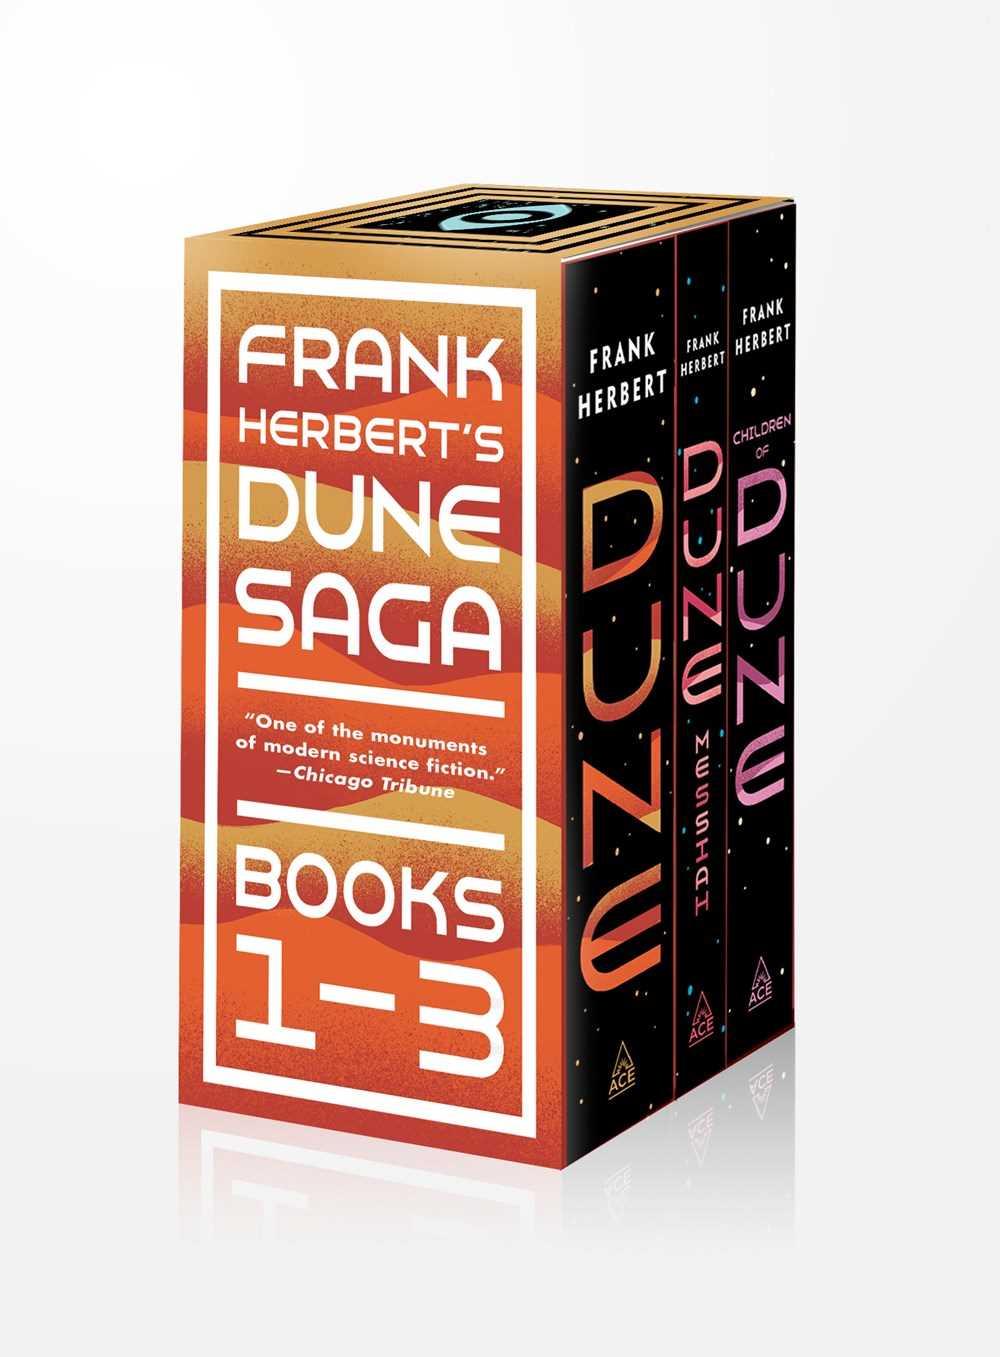 Frank Herbert's Dune Saga 3-Book Boxed Set